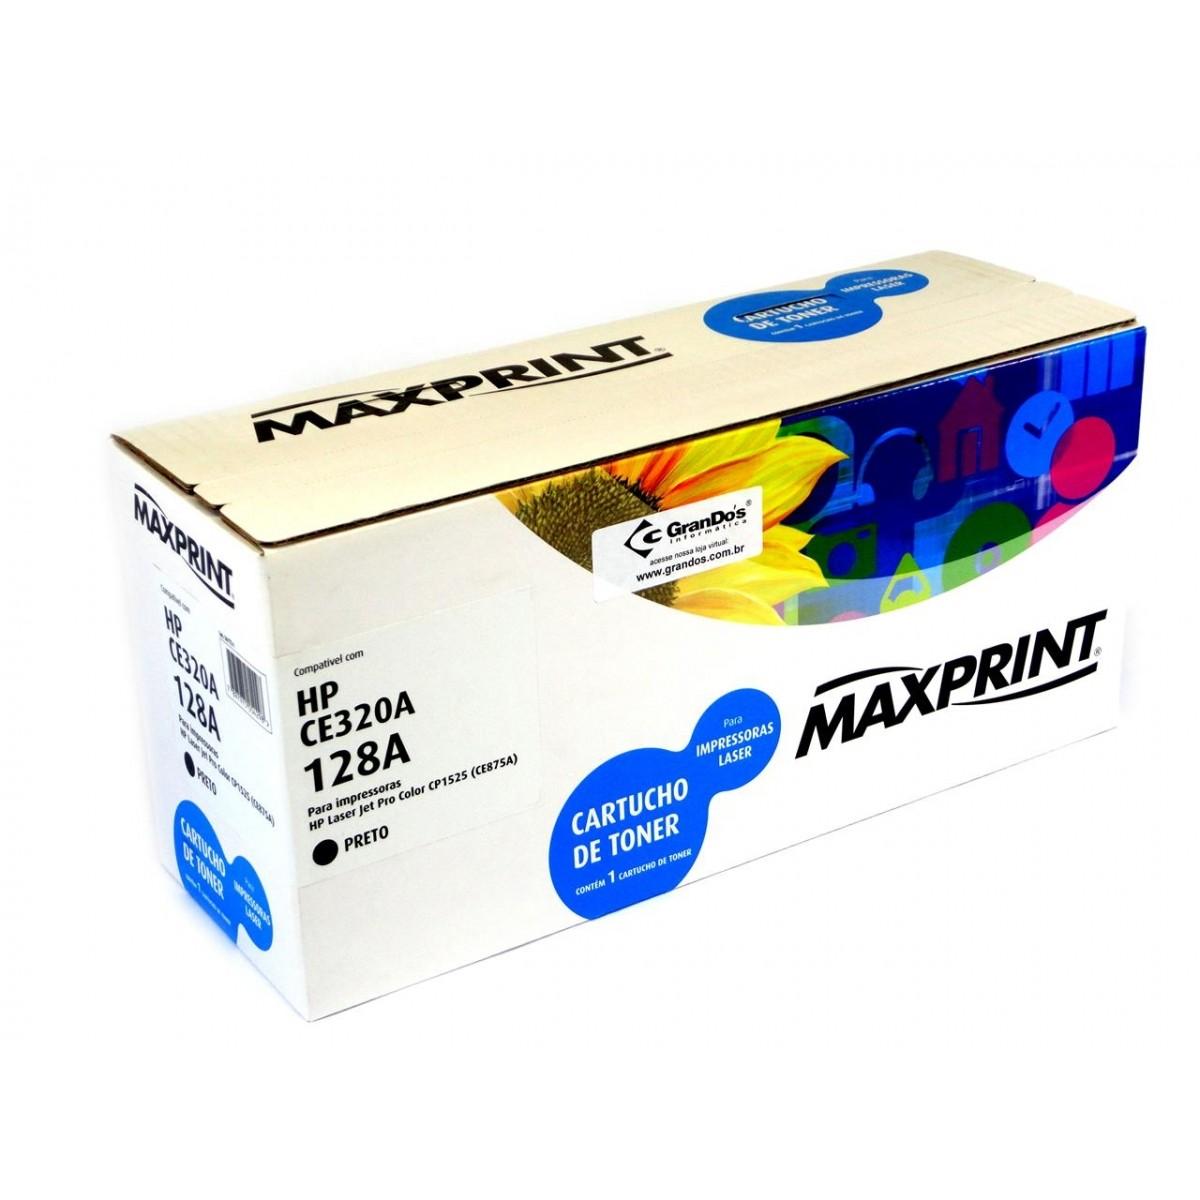 TONER CE320A PRETO 128A MAXPRINT